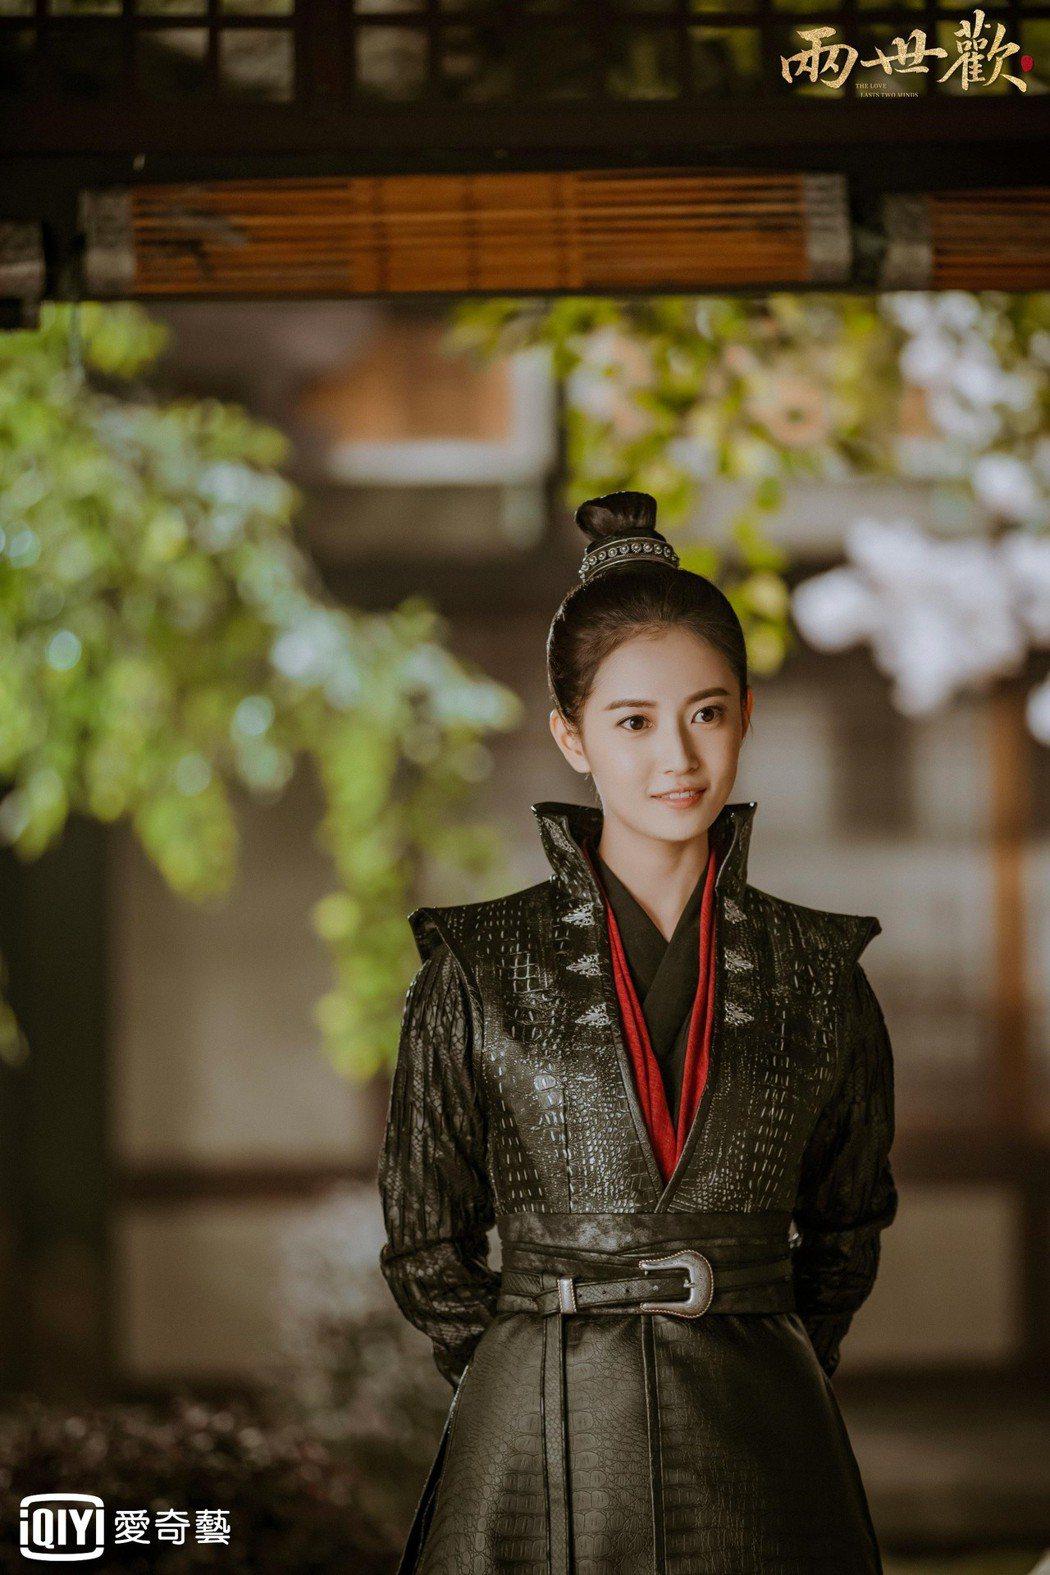 陳鈺琪在「兩世歡」戲中以男裝現身。圖/愛奇藝台灣站提供